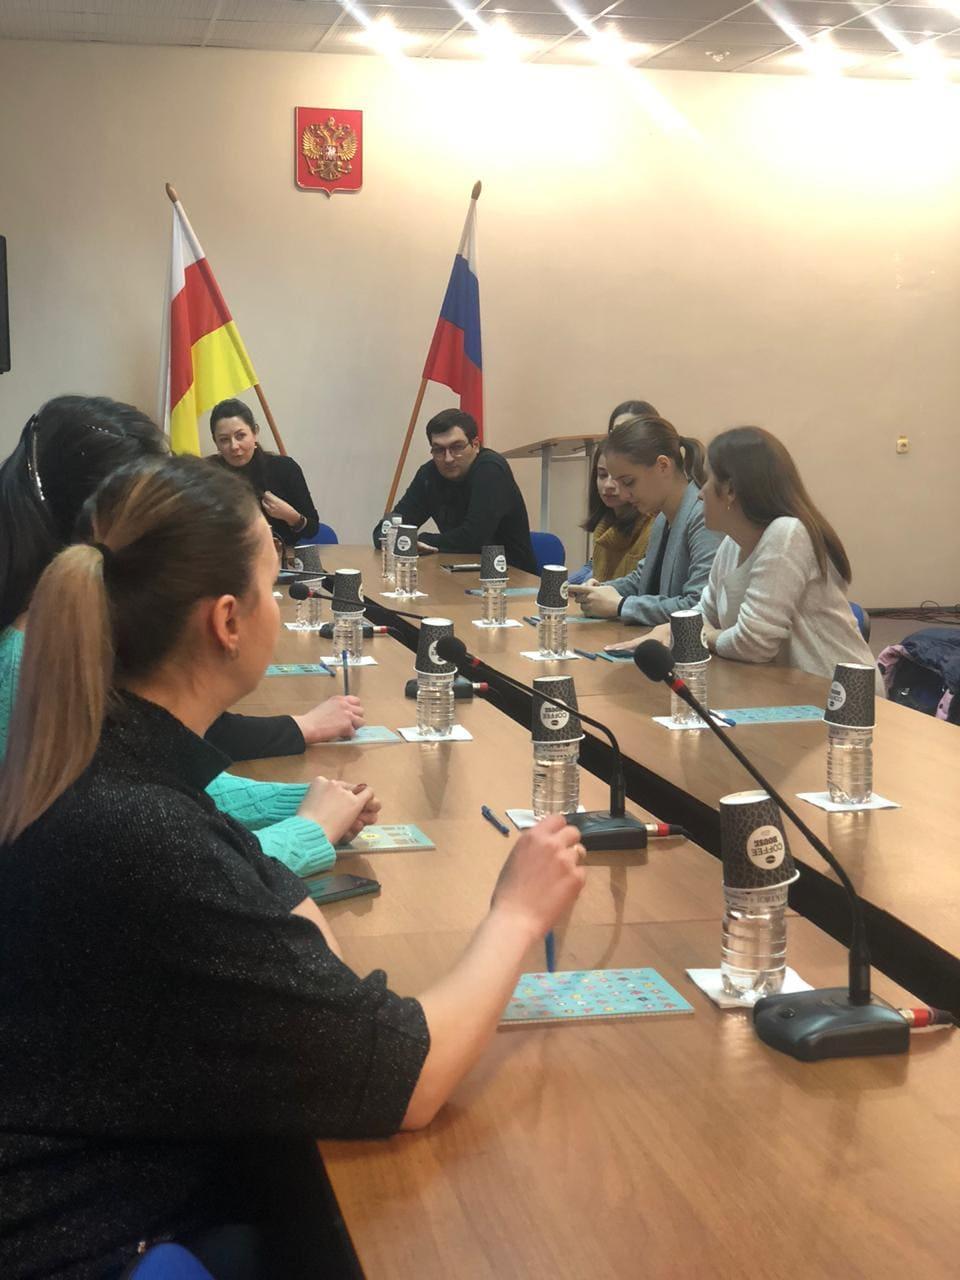 Отчет о проведении семинара для субъектов малого и среднего предпринимательства Республики Северная Осетия-Алания «Логистика для экспортеров»